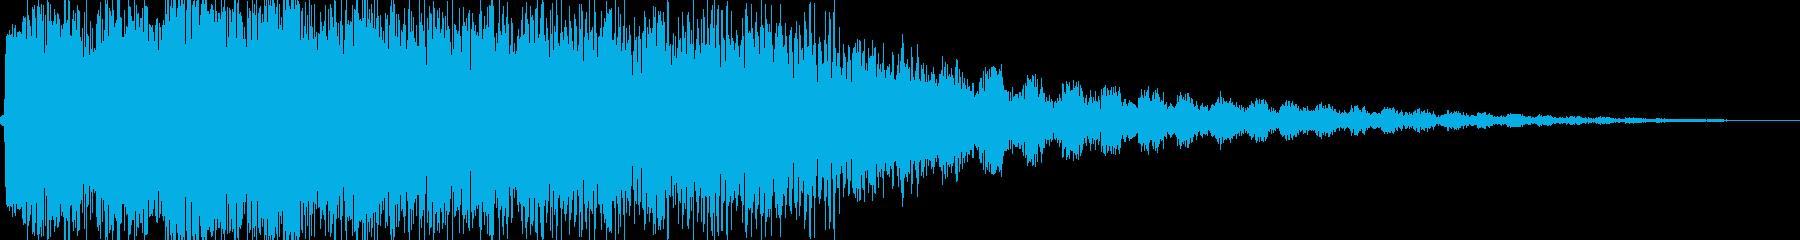 チューン!(魔法チャージみたいな)の再生済みの波形